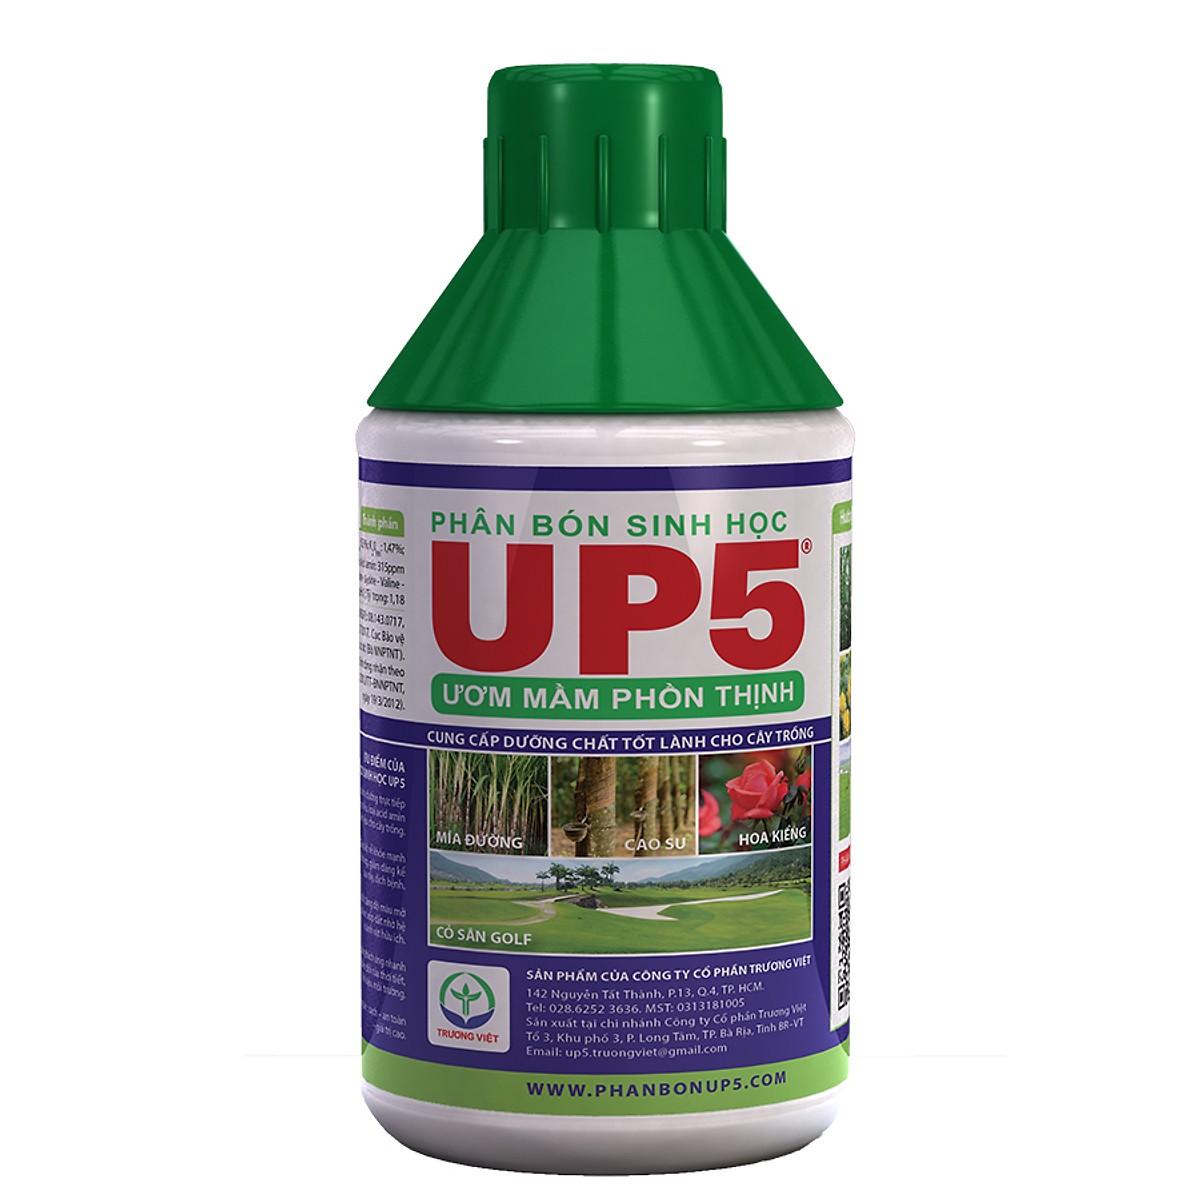 Phân bón nước UP5